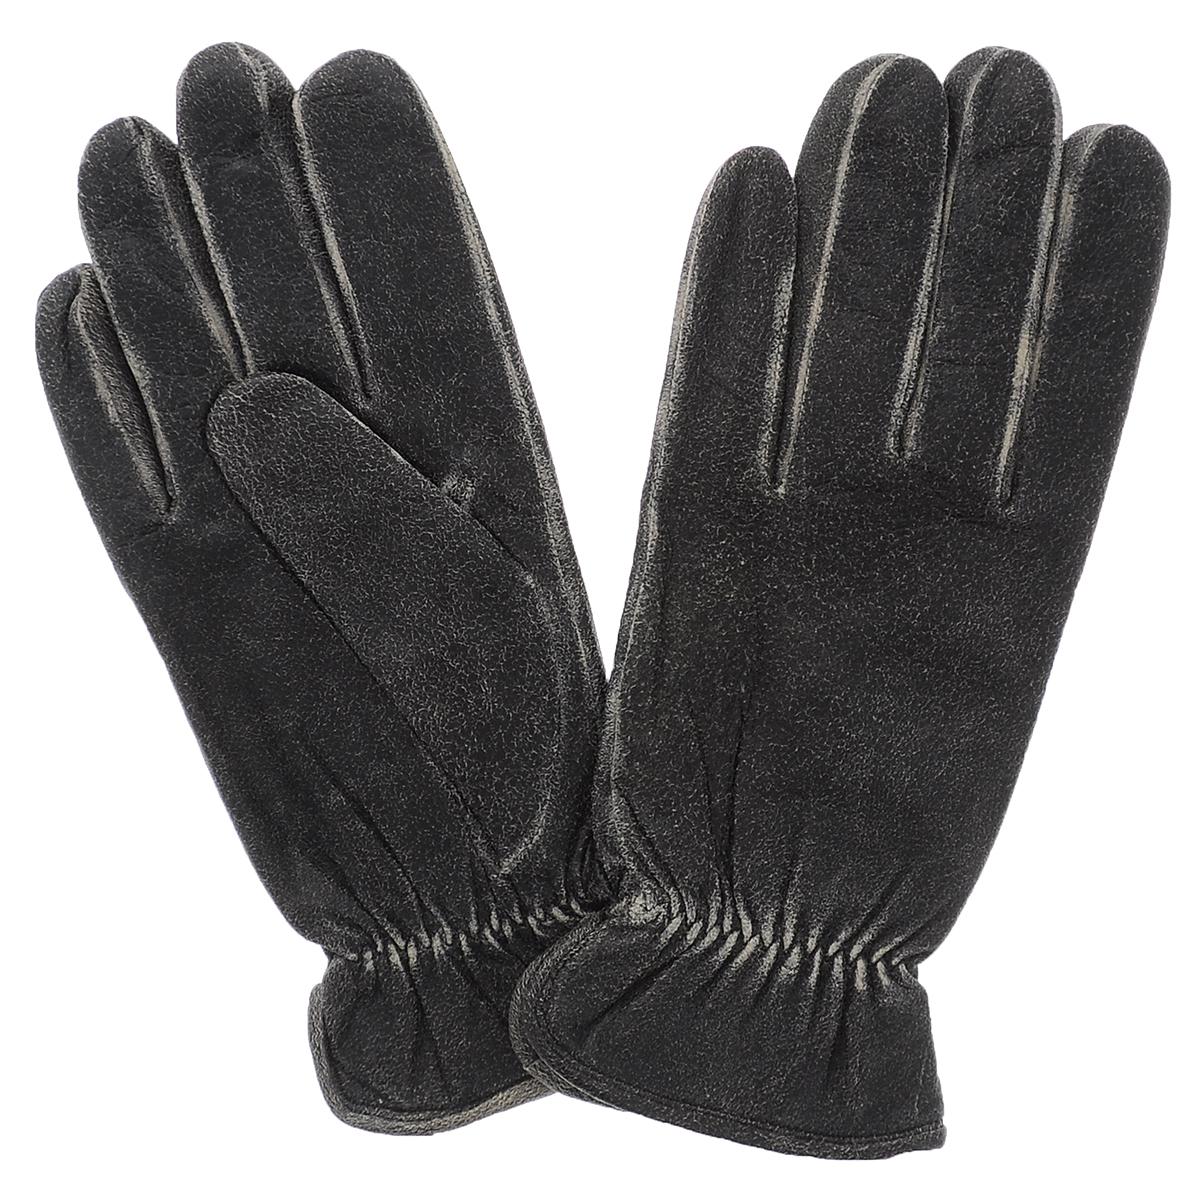 Фото Перчатки мужские Dali Exclusive, цвет: темно-серый. WILD/MEL. Размер 8. Покупайте с доставкой по России